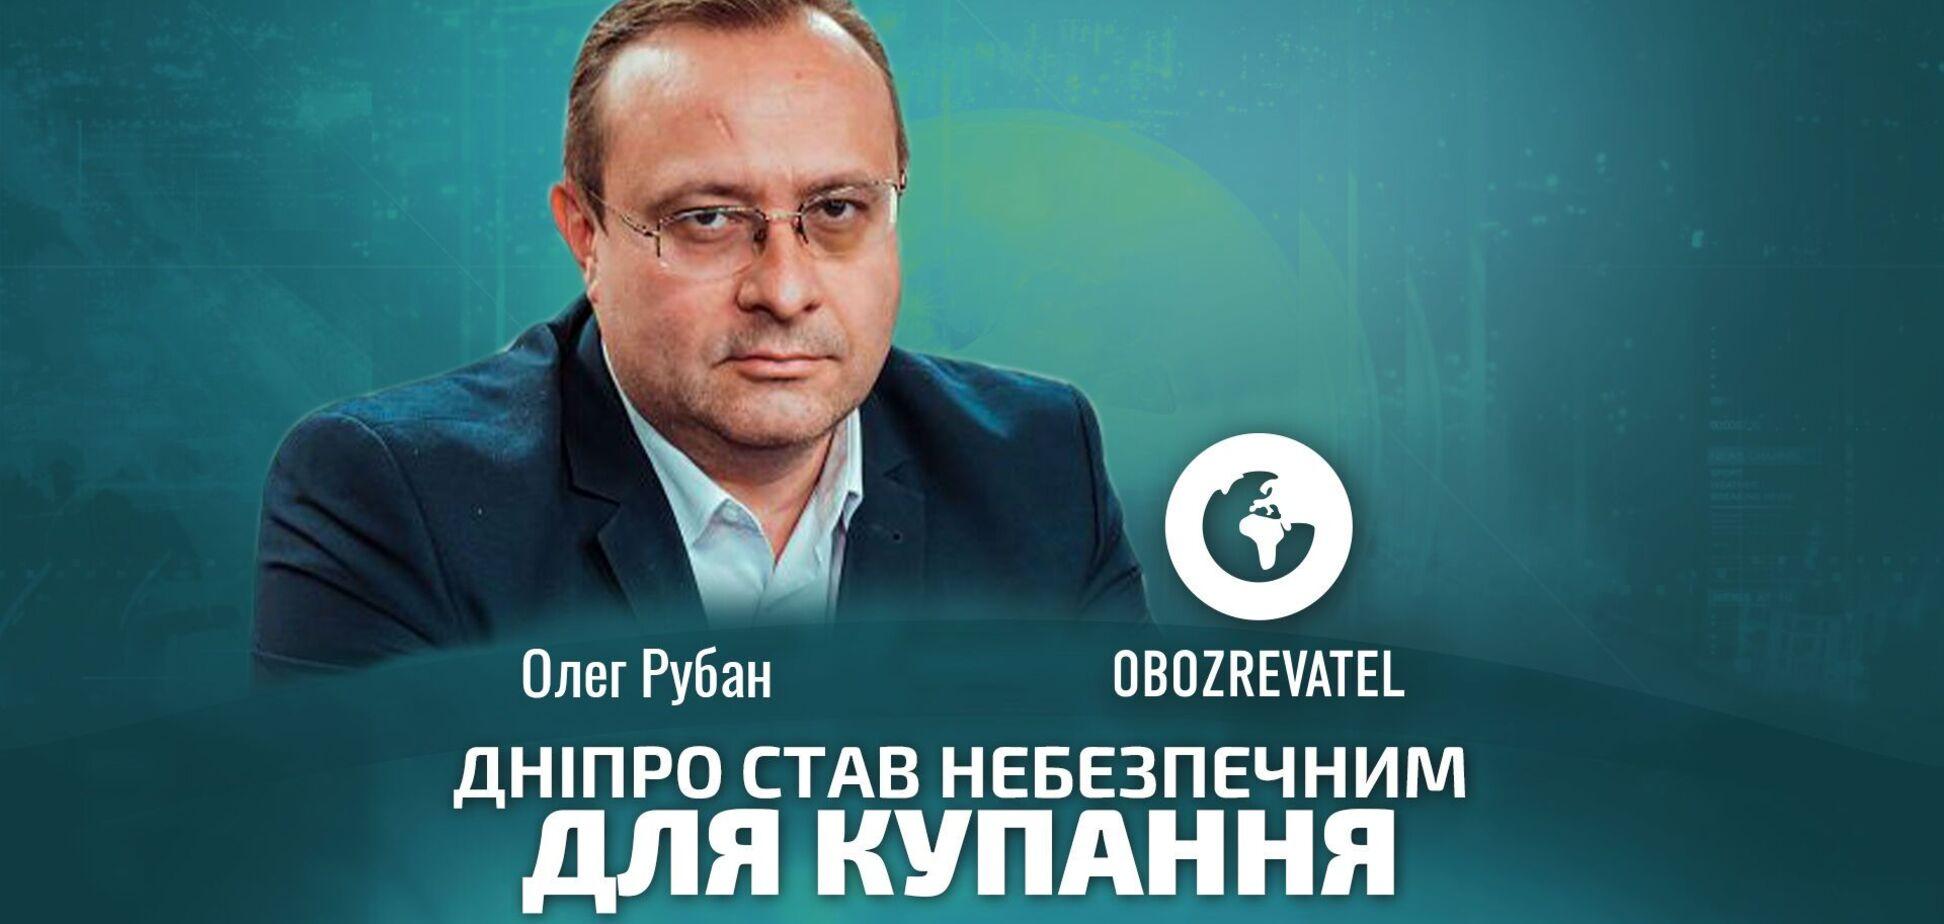 Дніпро став небезпечним для купання, – Рубан